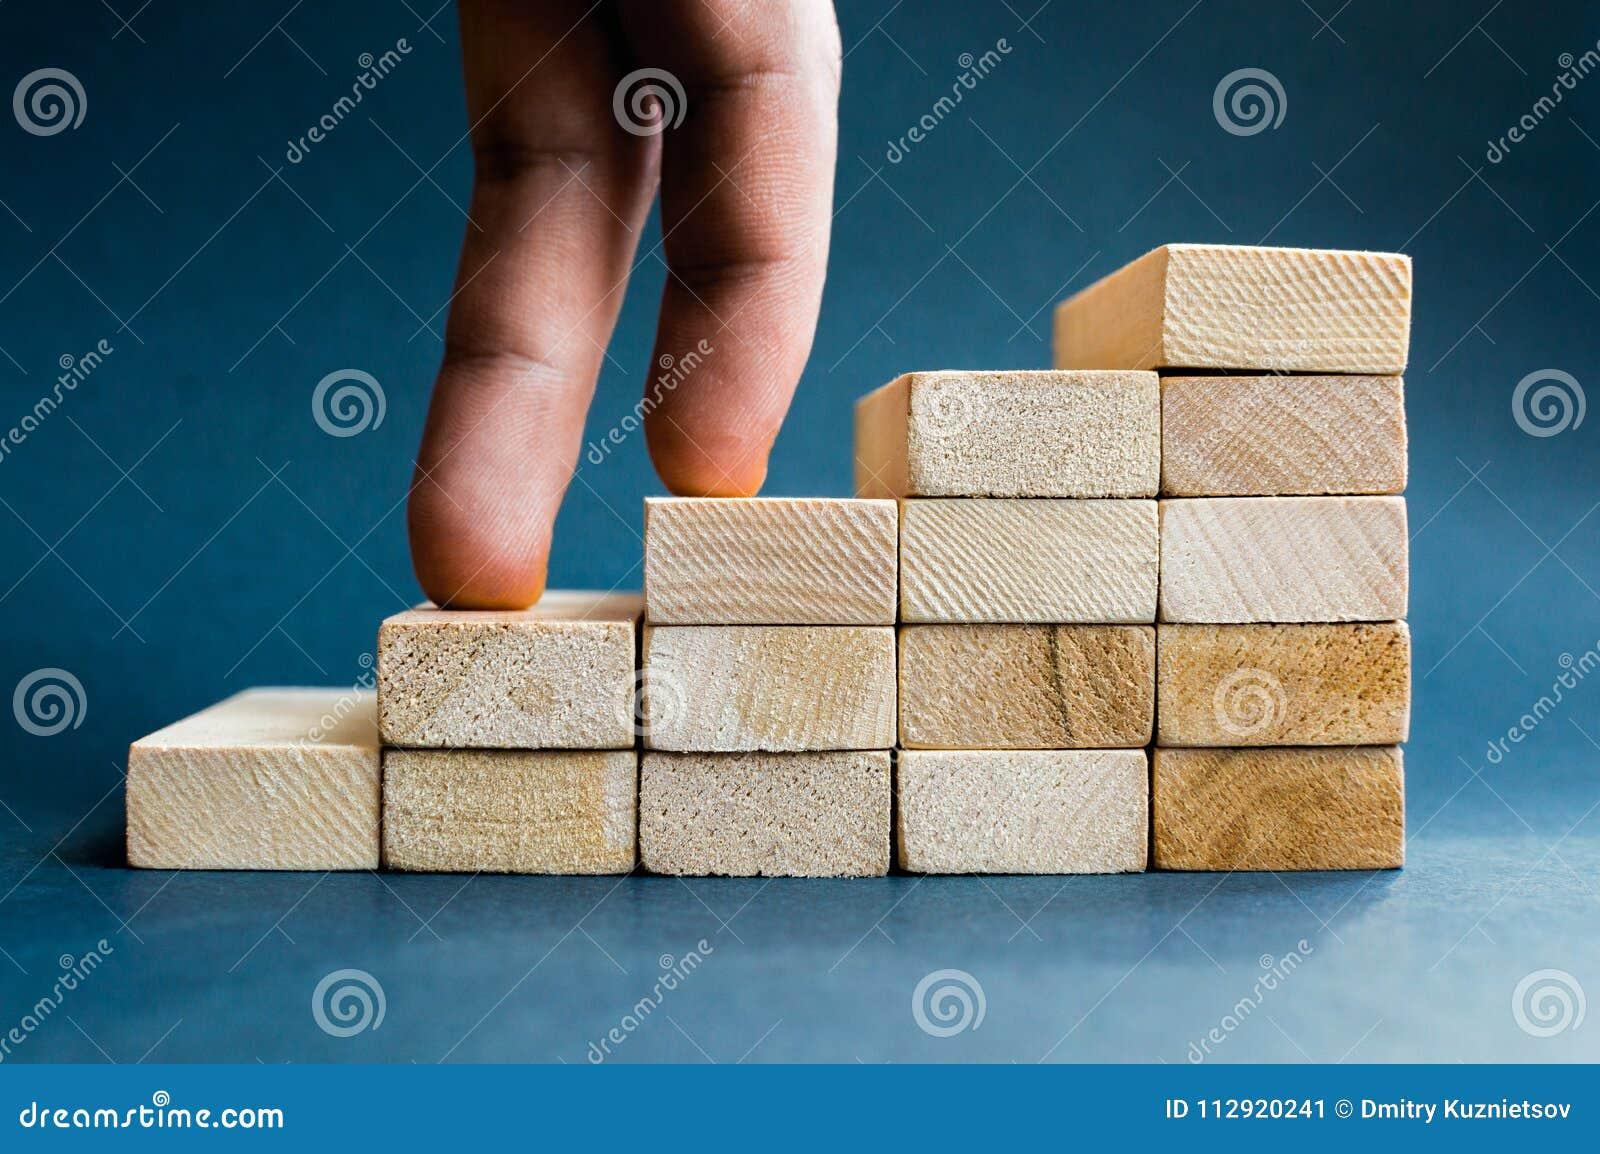 Dedos que escalam as escadas feitas com blocos de madeira Conceito do sucesso, carreira, realização do objetivo, trabalhadora